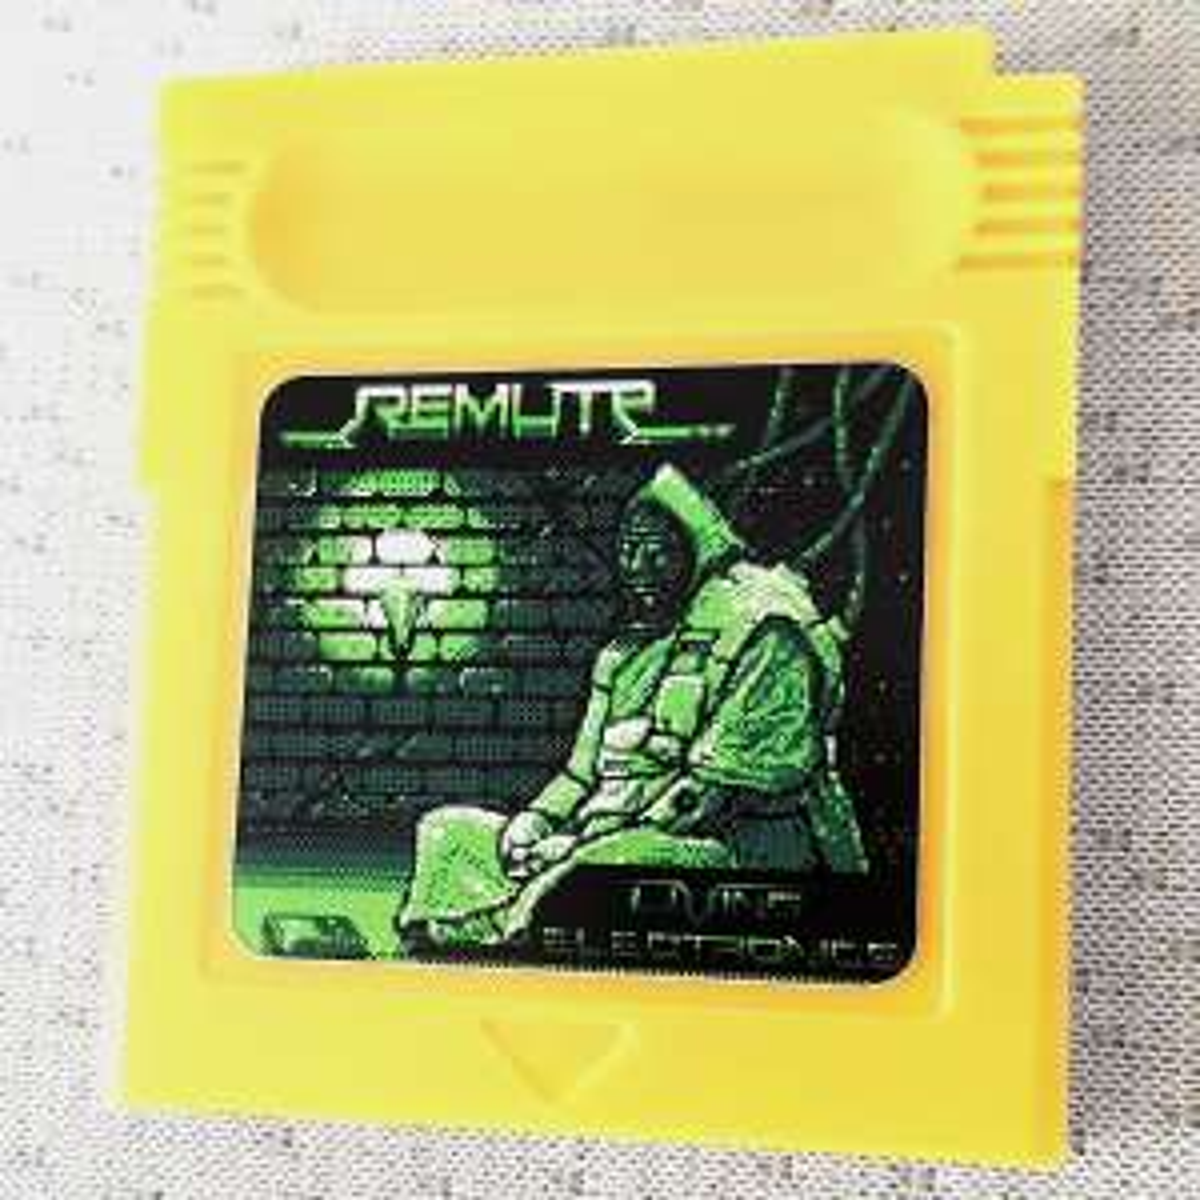 [Nintendo Game Boy] Musikalbum auf Gameboy Modul von Remute